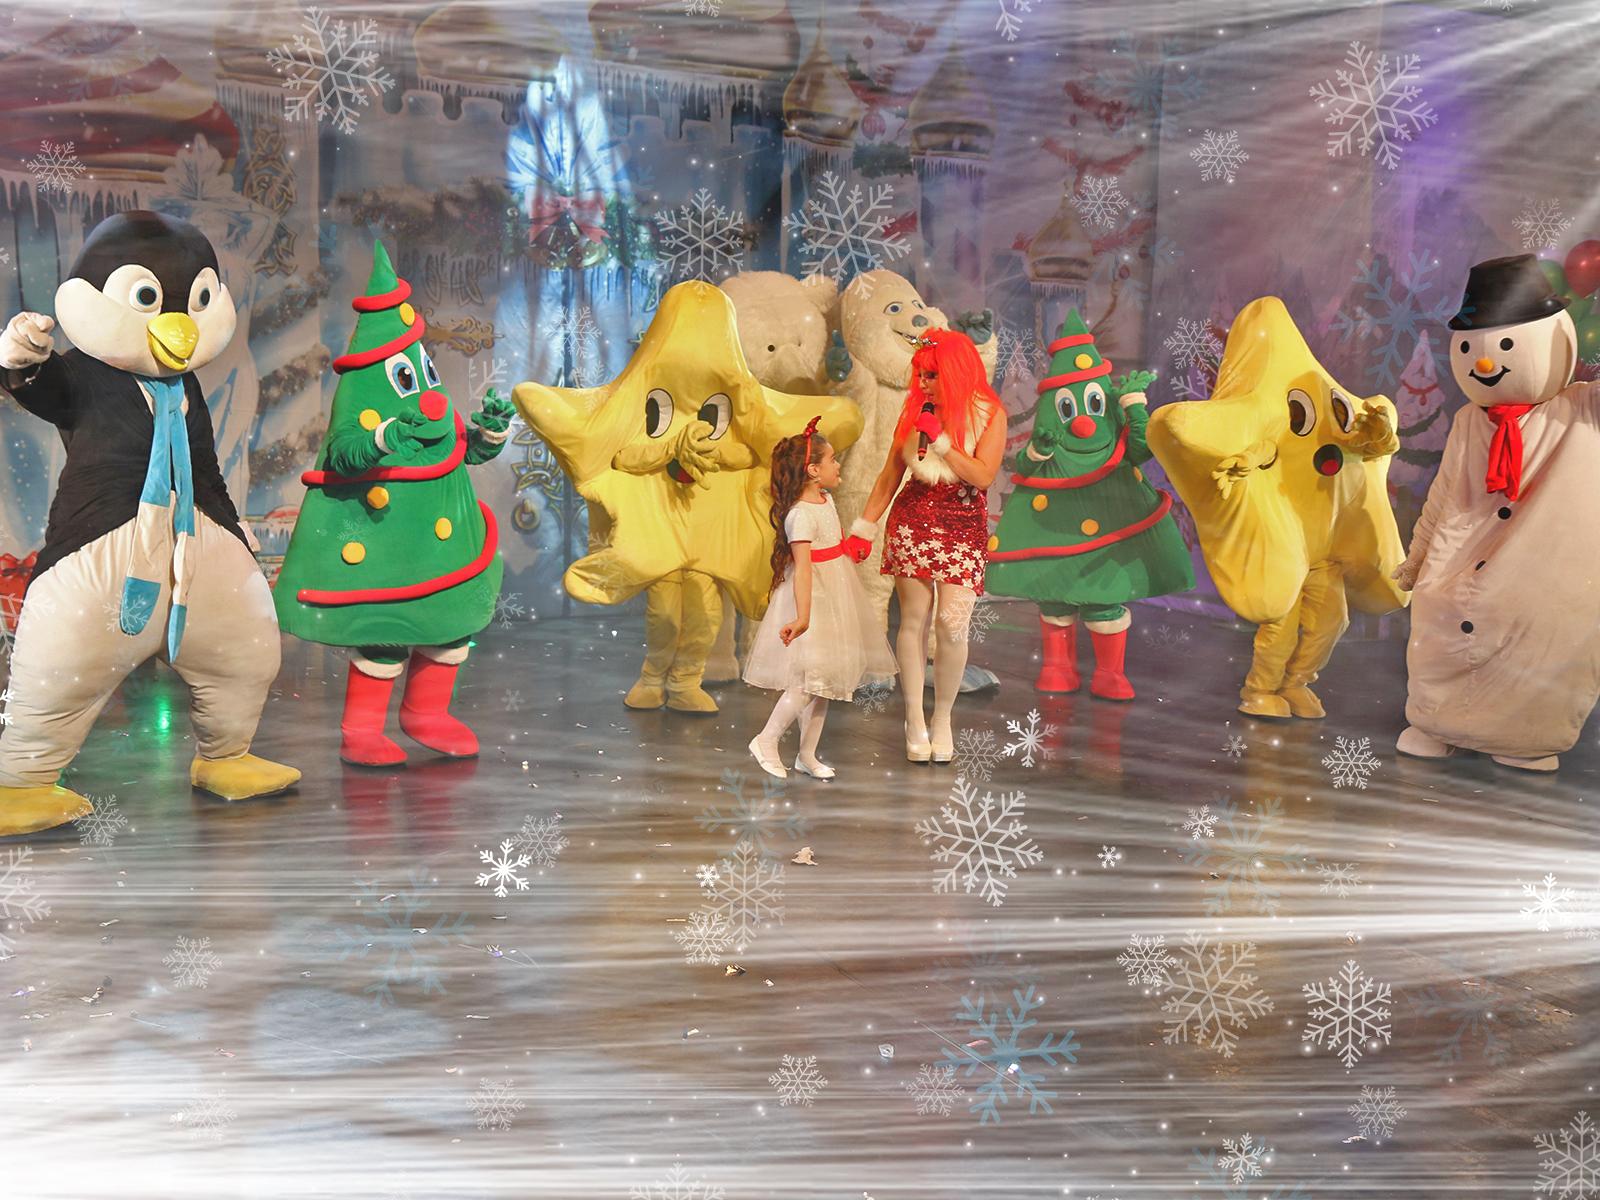 spectacle de noel pour enfants Spectacle pour enfant spécial Noël : Noël en fête, Paris  spectacle de noel pour enfants